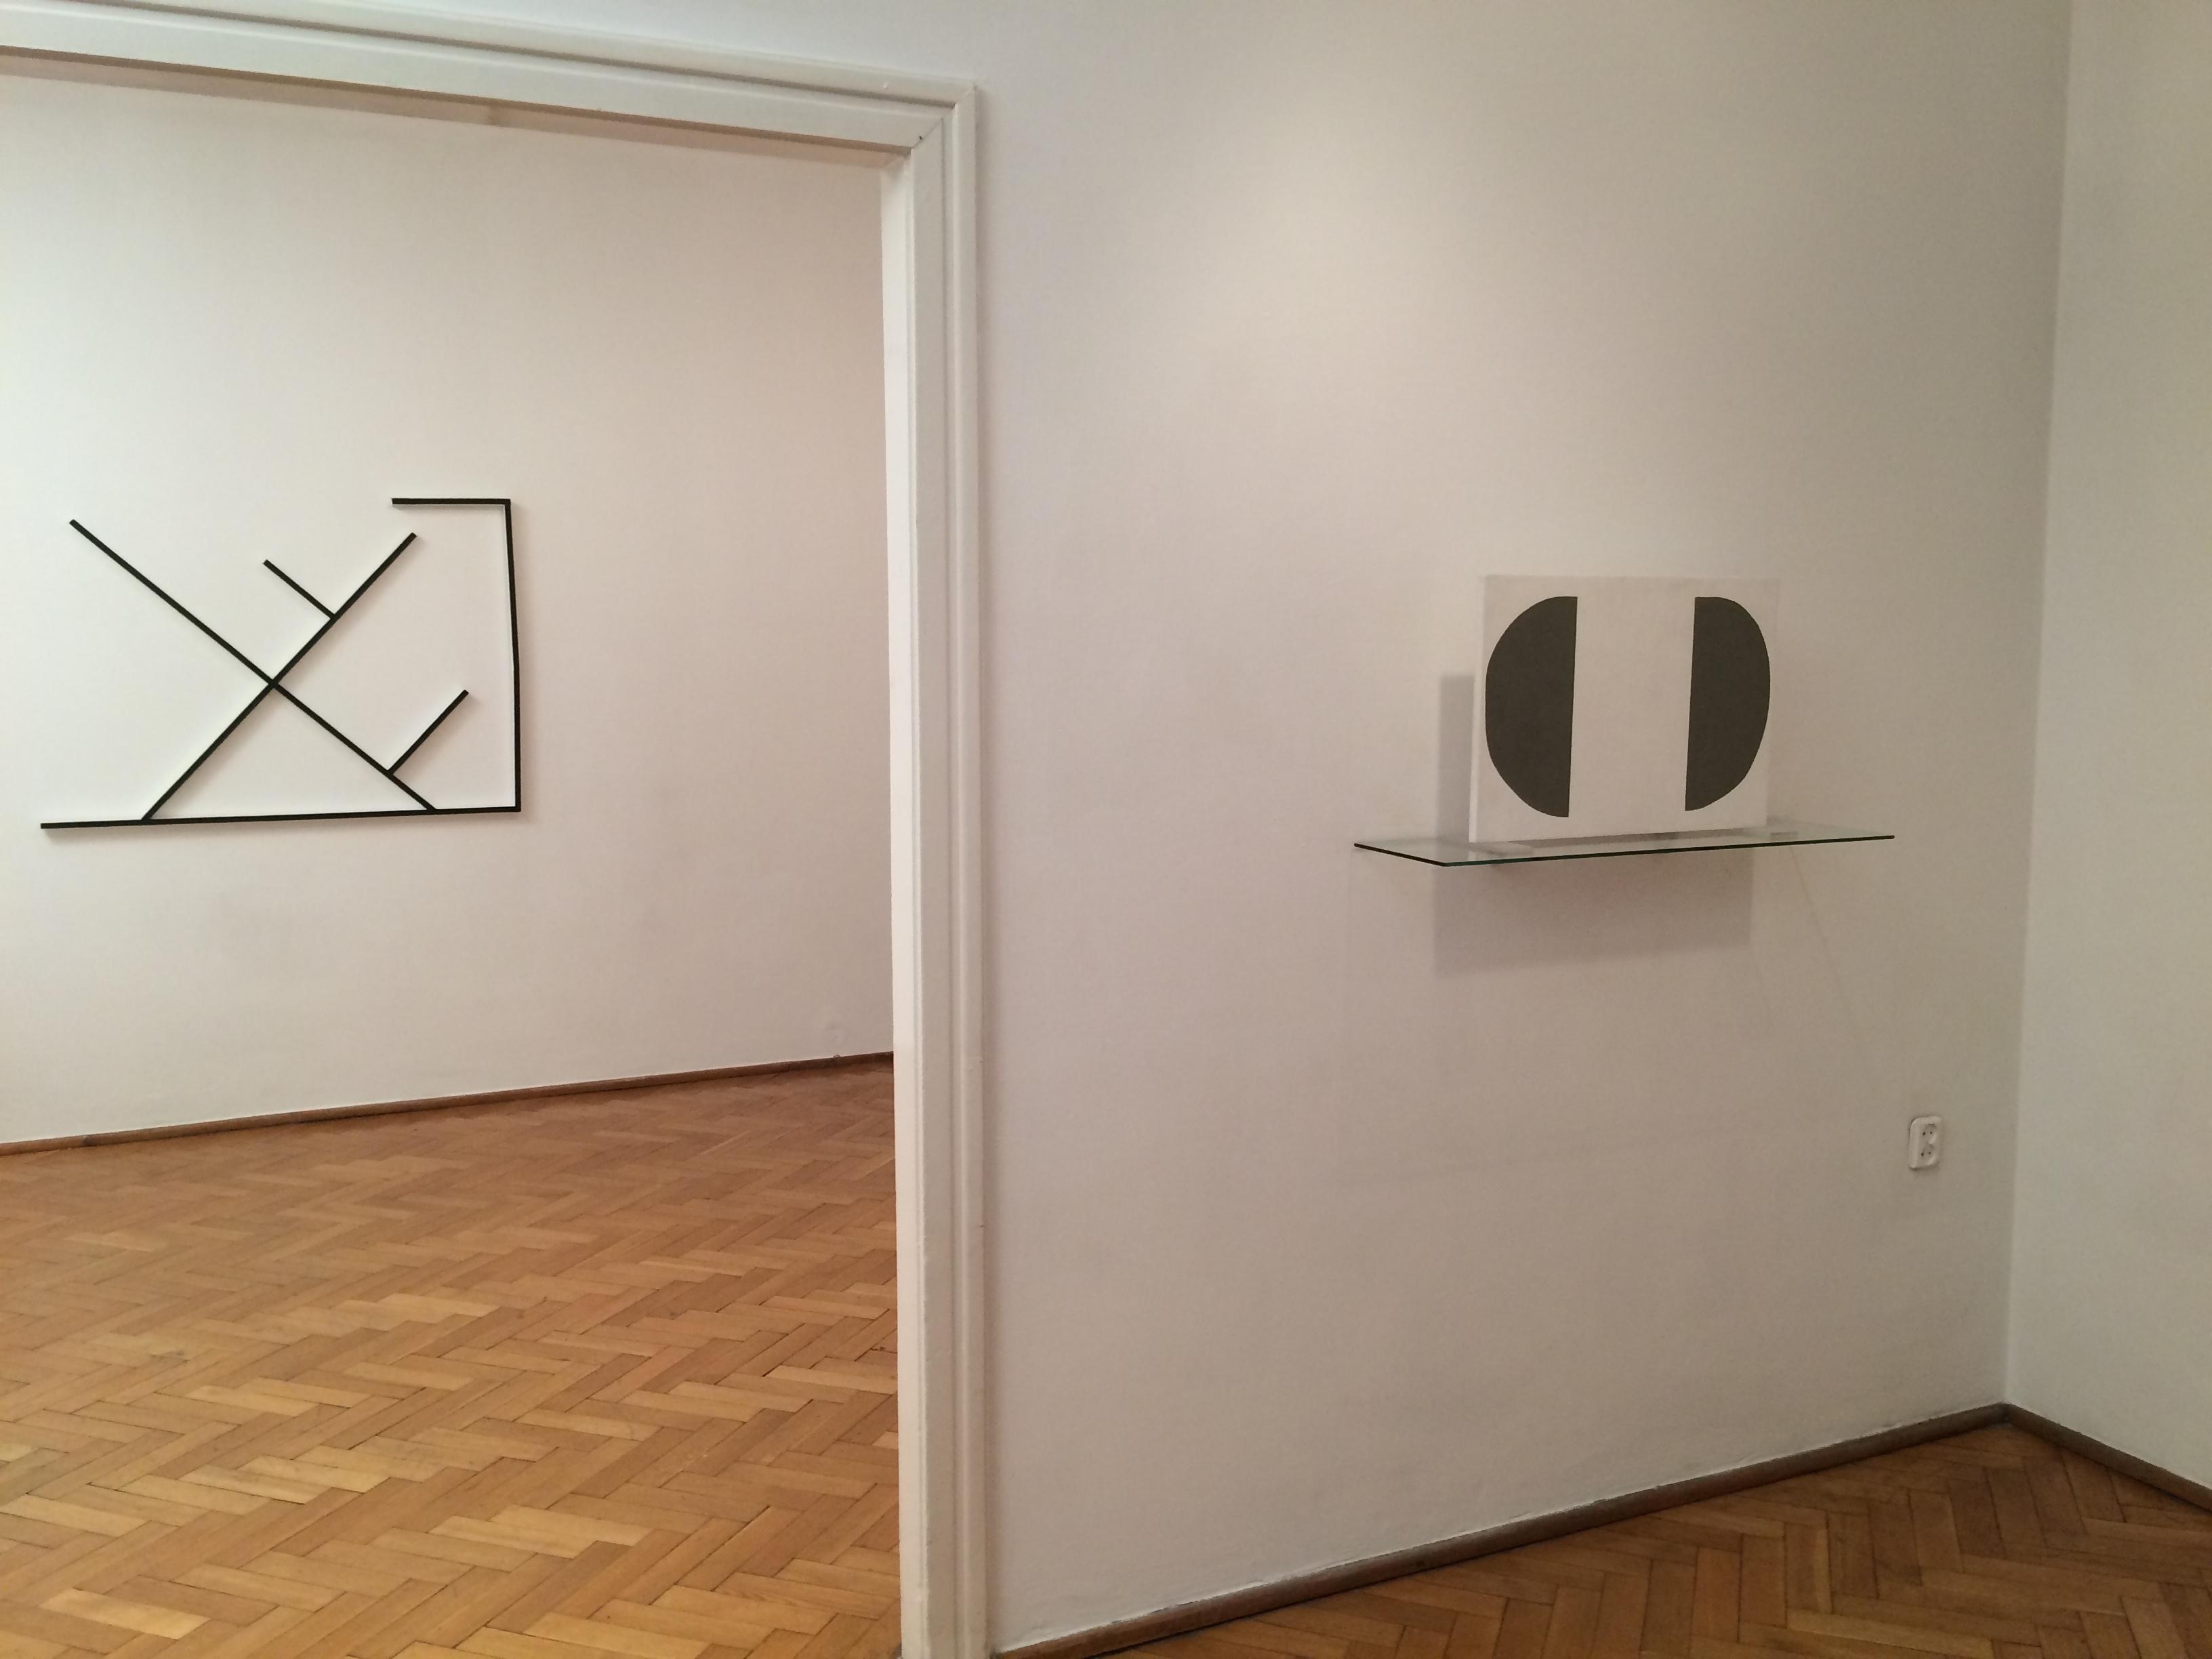 Grzegorz Sztwiertnia, Projekt ściany  terapeutycznej nr2, tempera nadesce,  mural, 2005; Tomek Baran, bez tytułu, relief, drewno,  akryl, 2010